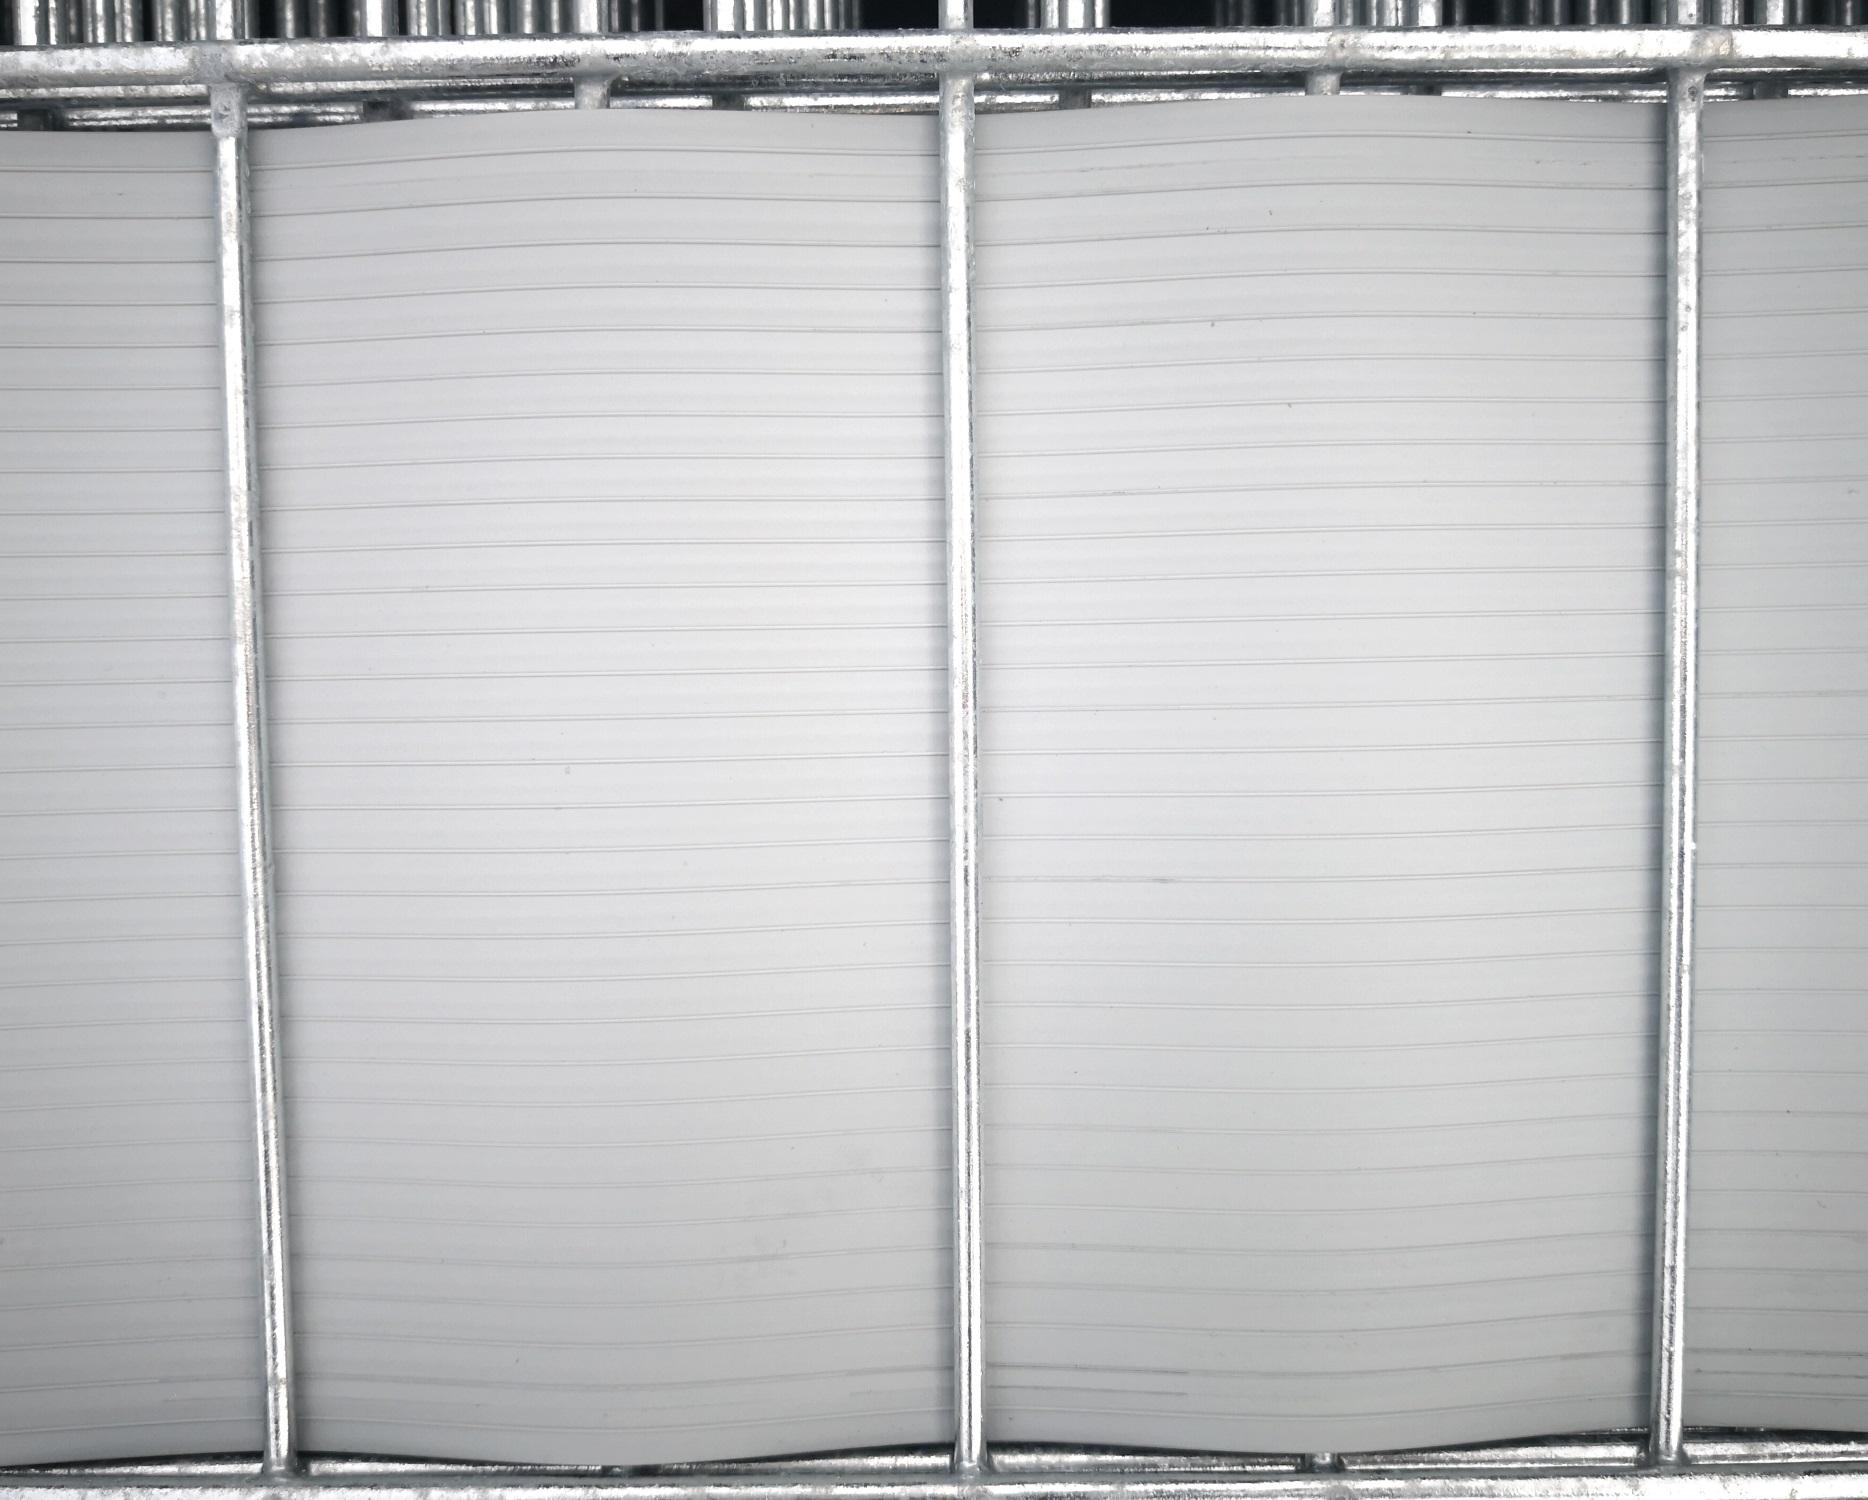 sichtschutz hart pvc streifen 252cm hellgrau wie ral 7040 aus pp l nge 252cm breite 19 1cm. Black Bedroom Furniture Sets. Home Design Ideas